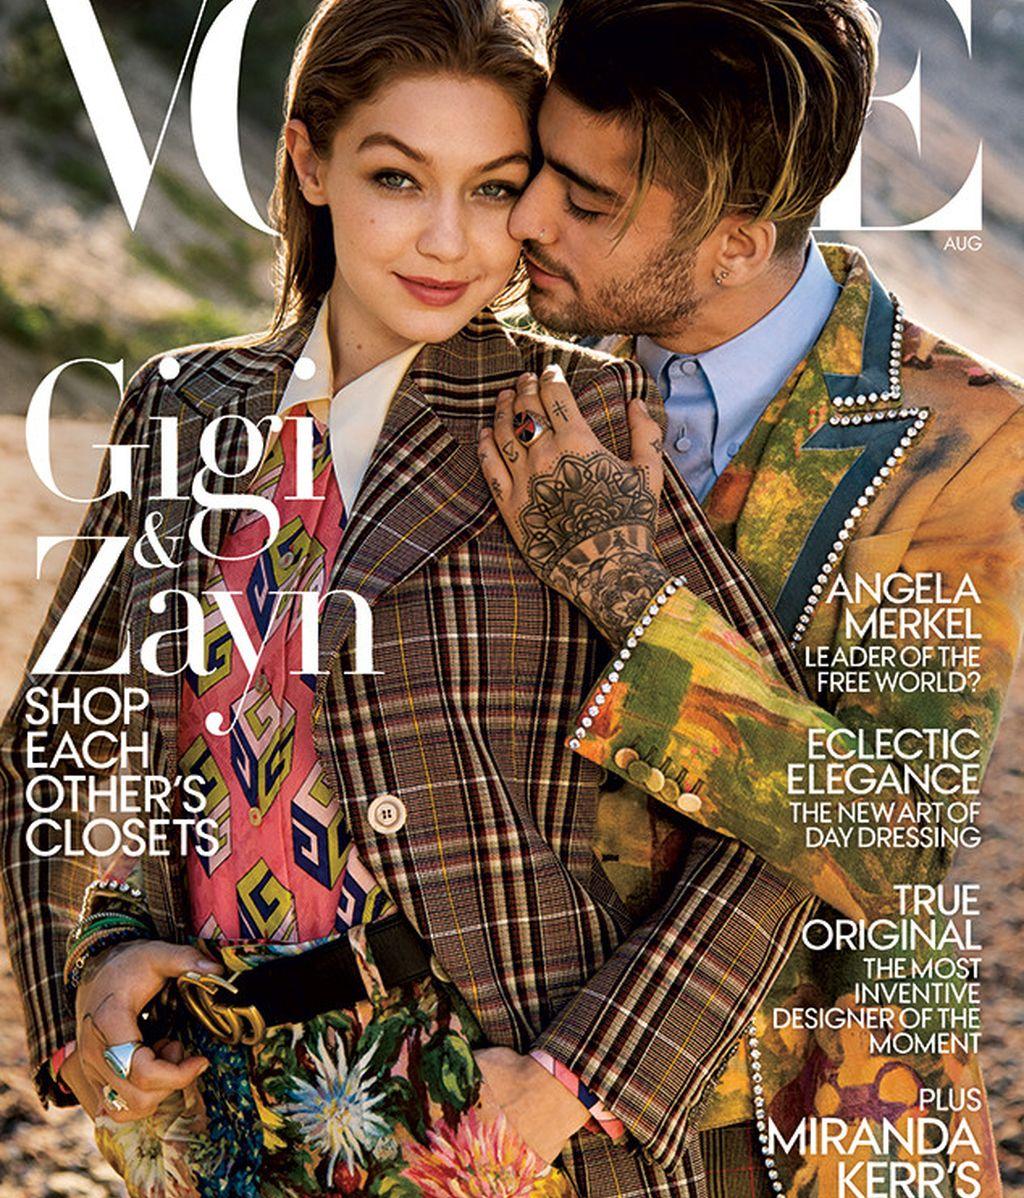 Gigi Hadid y Zayn Malik, en la portada de 'Vogue'